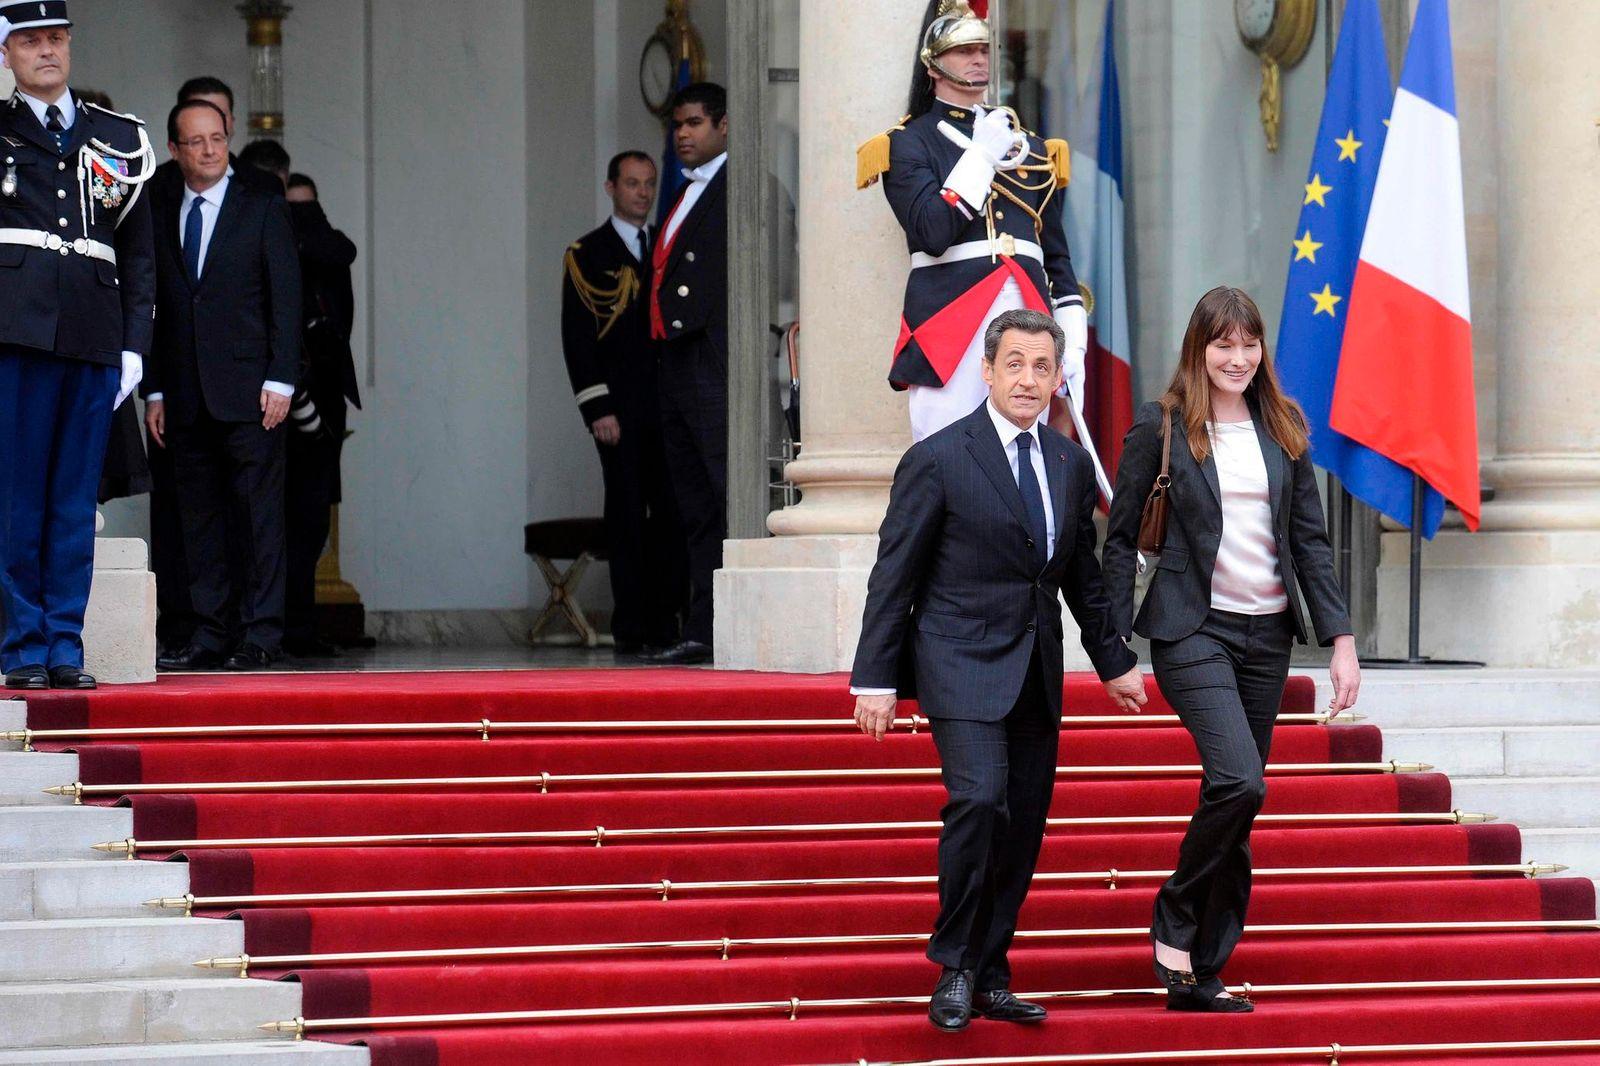 Nicolas-Sarkozy-Carla-Bruni